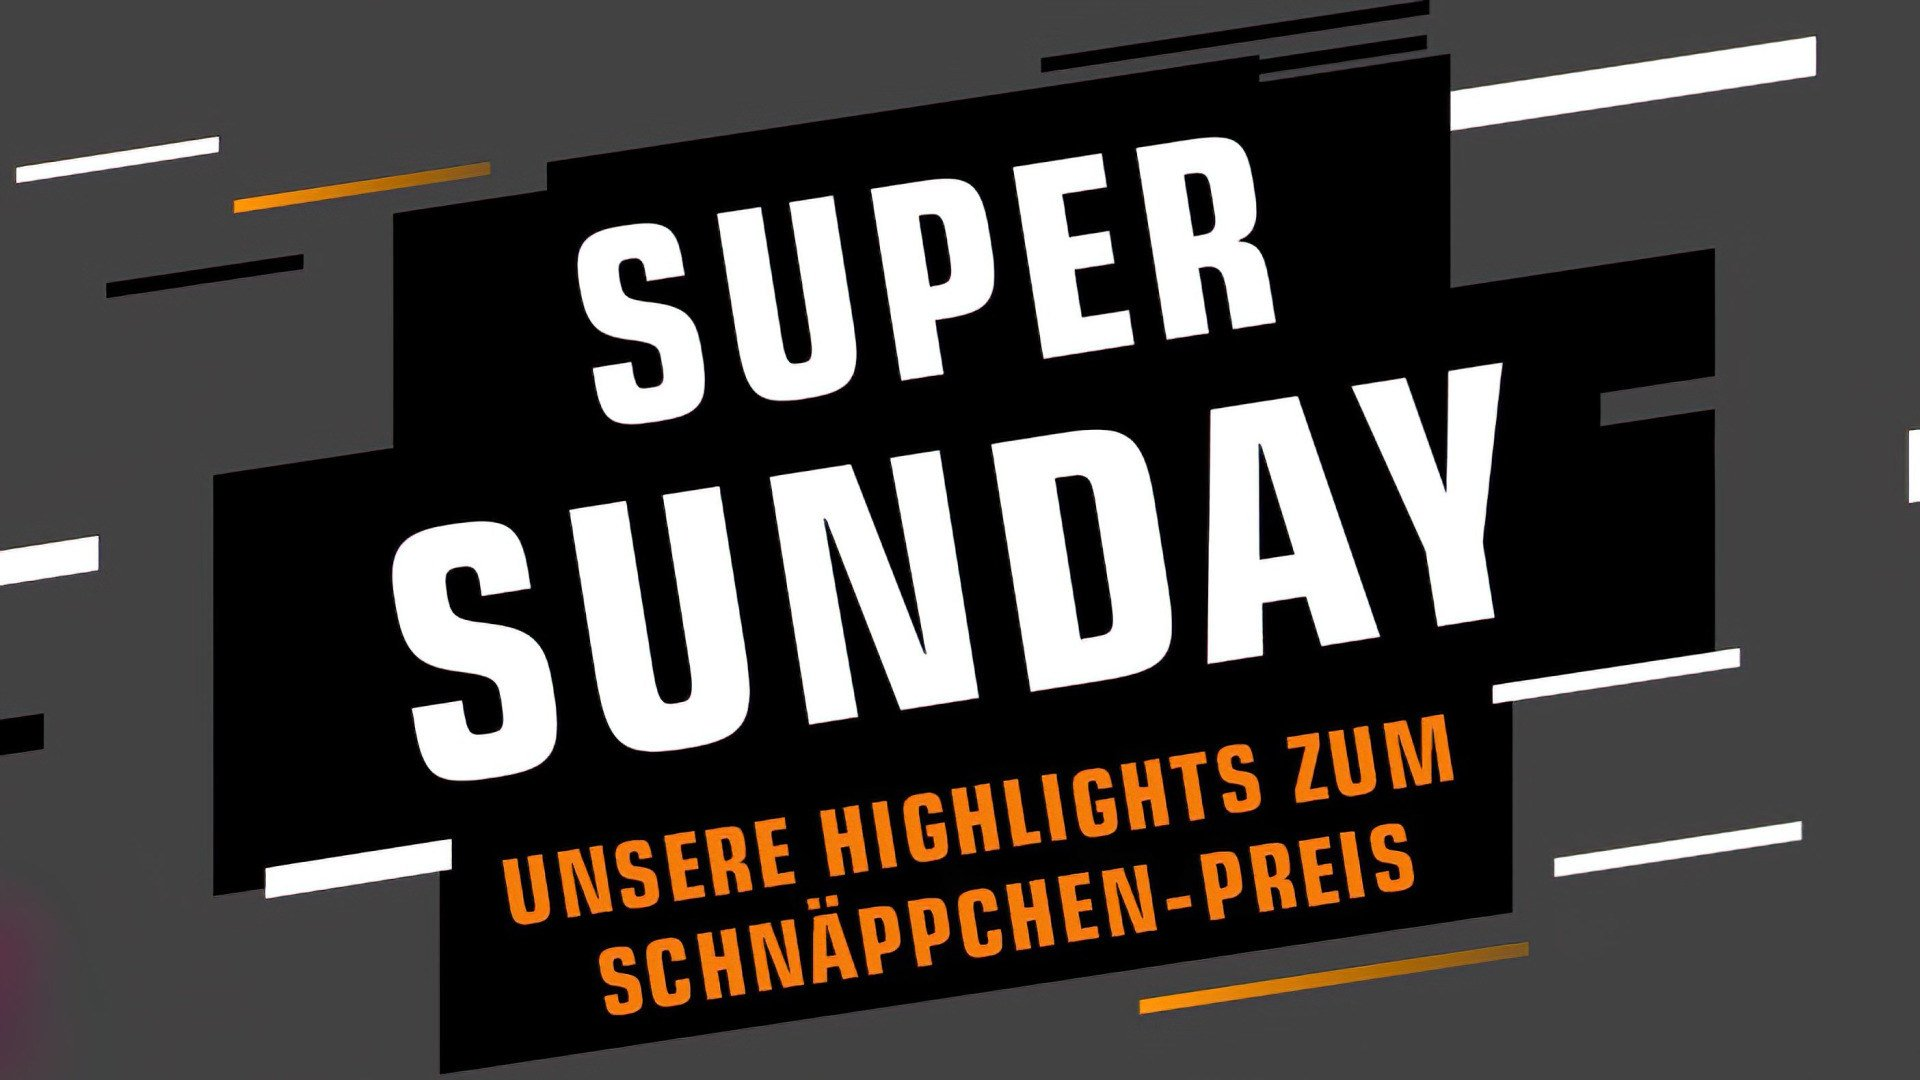 Schnäppchen, Sonderangebote, Rabattaktion, sale, Deals, Saturn, Angebote, prospekt, Super Sunday, Sonntag